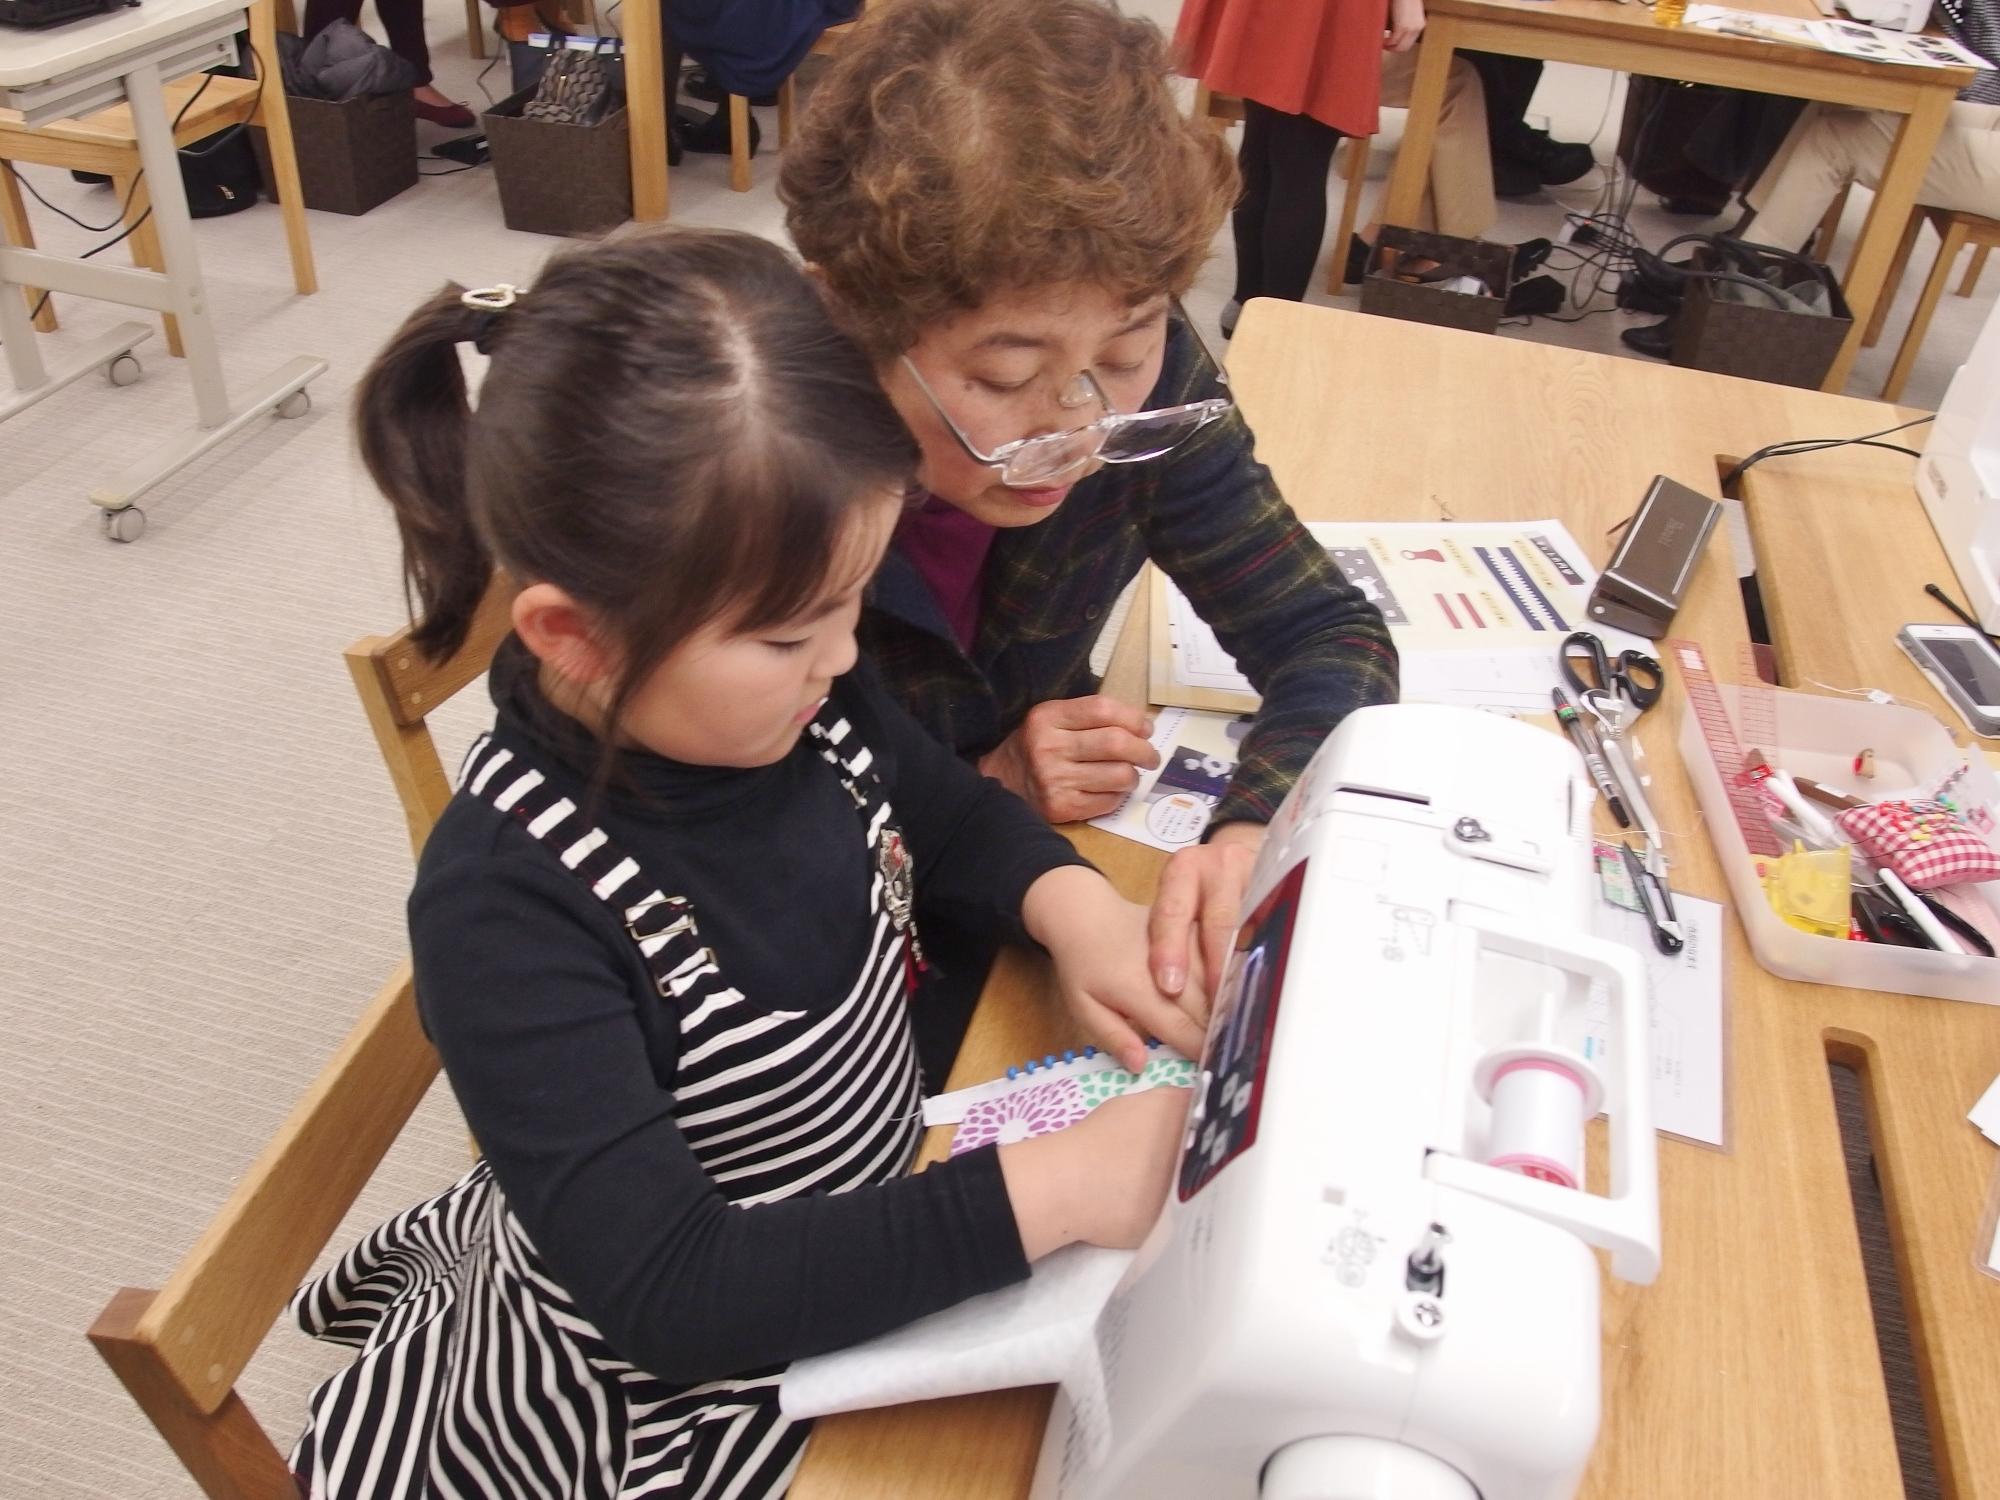 おばあちゃんと一緒に裁縫を楽しむ小学生